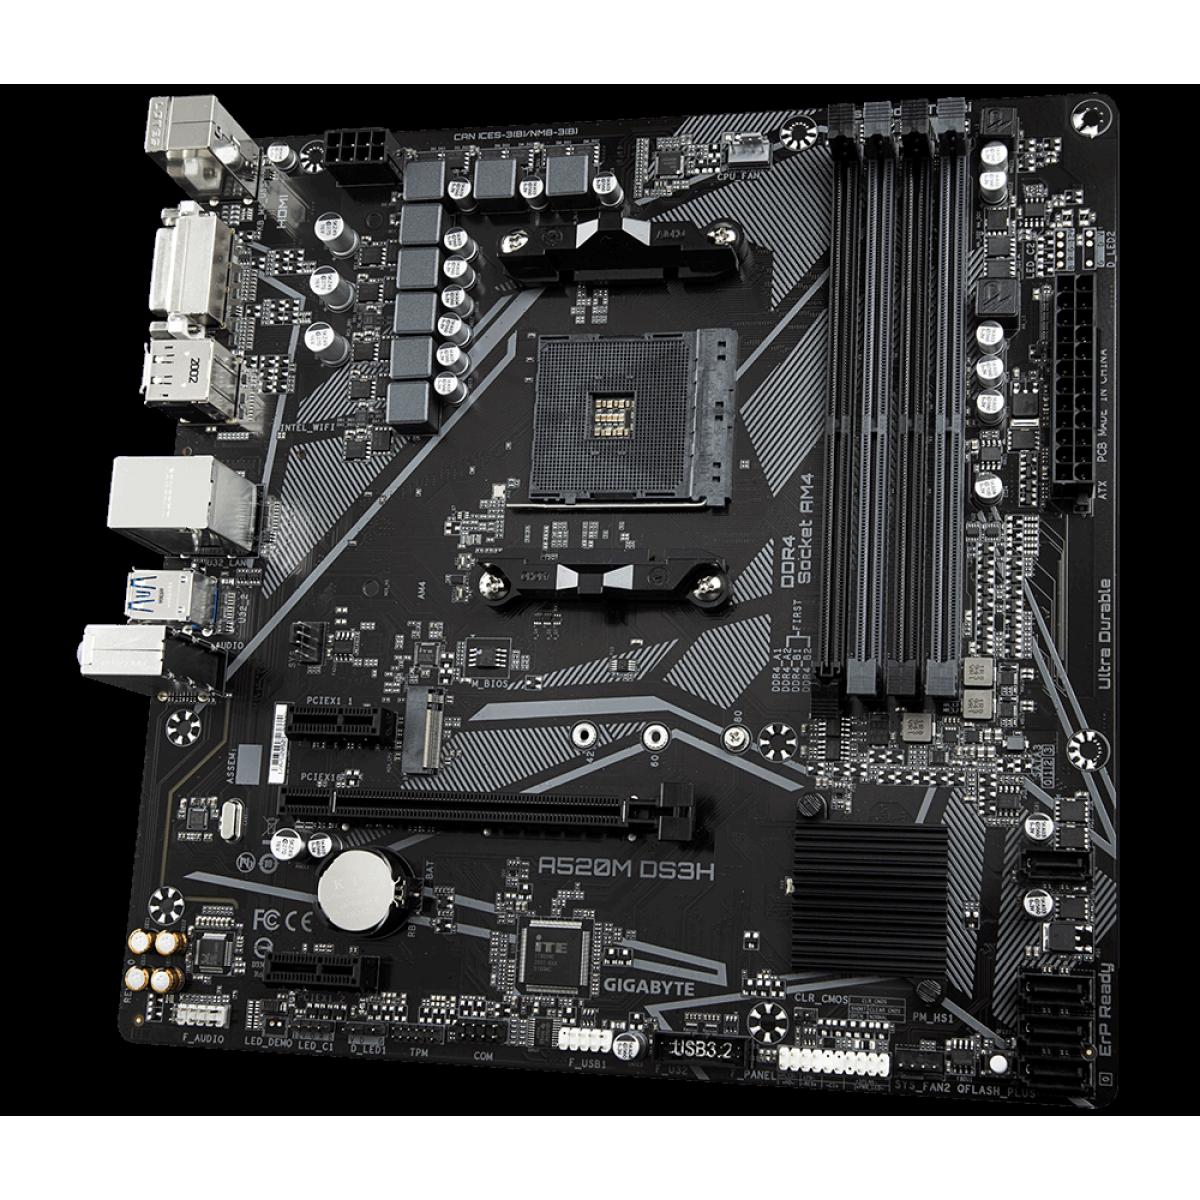 Placa Mãe Gigabyte A520M DS3H, Chipset A520, AMD AM4, mATX, DDR4